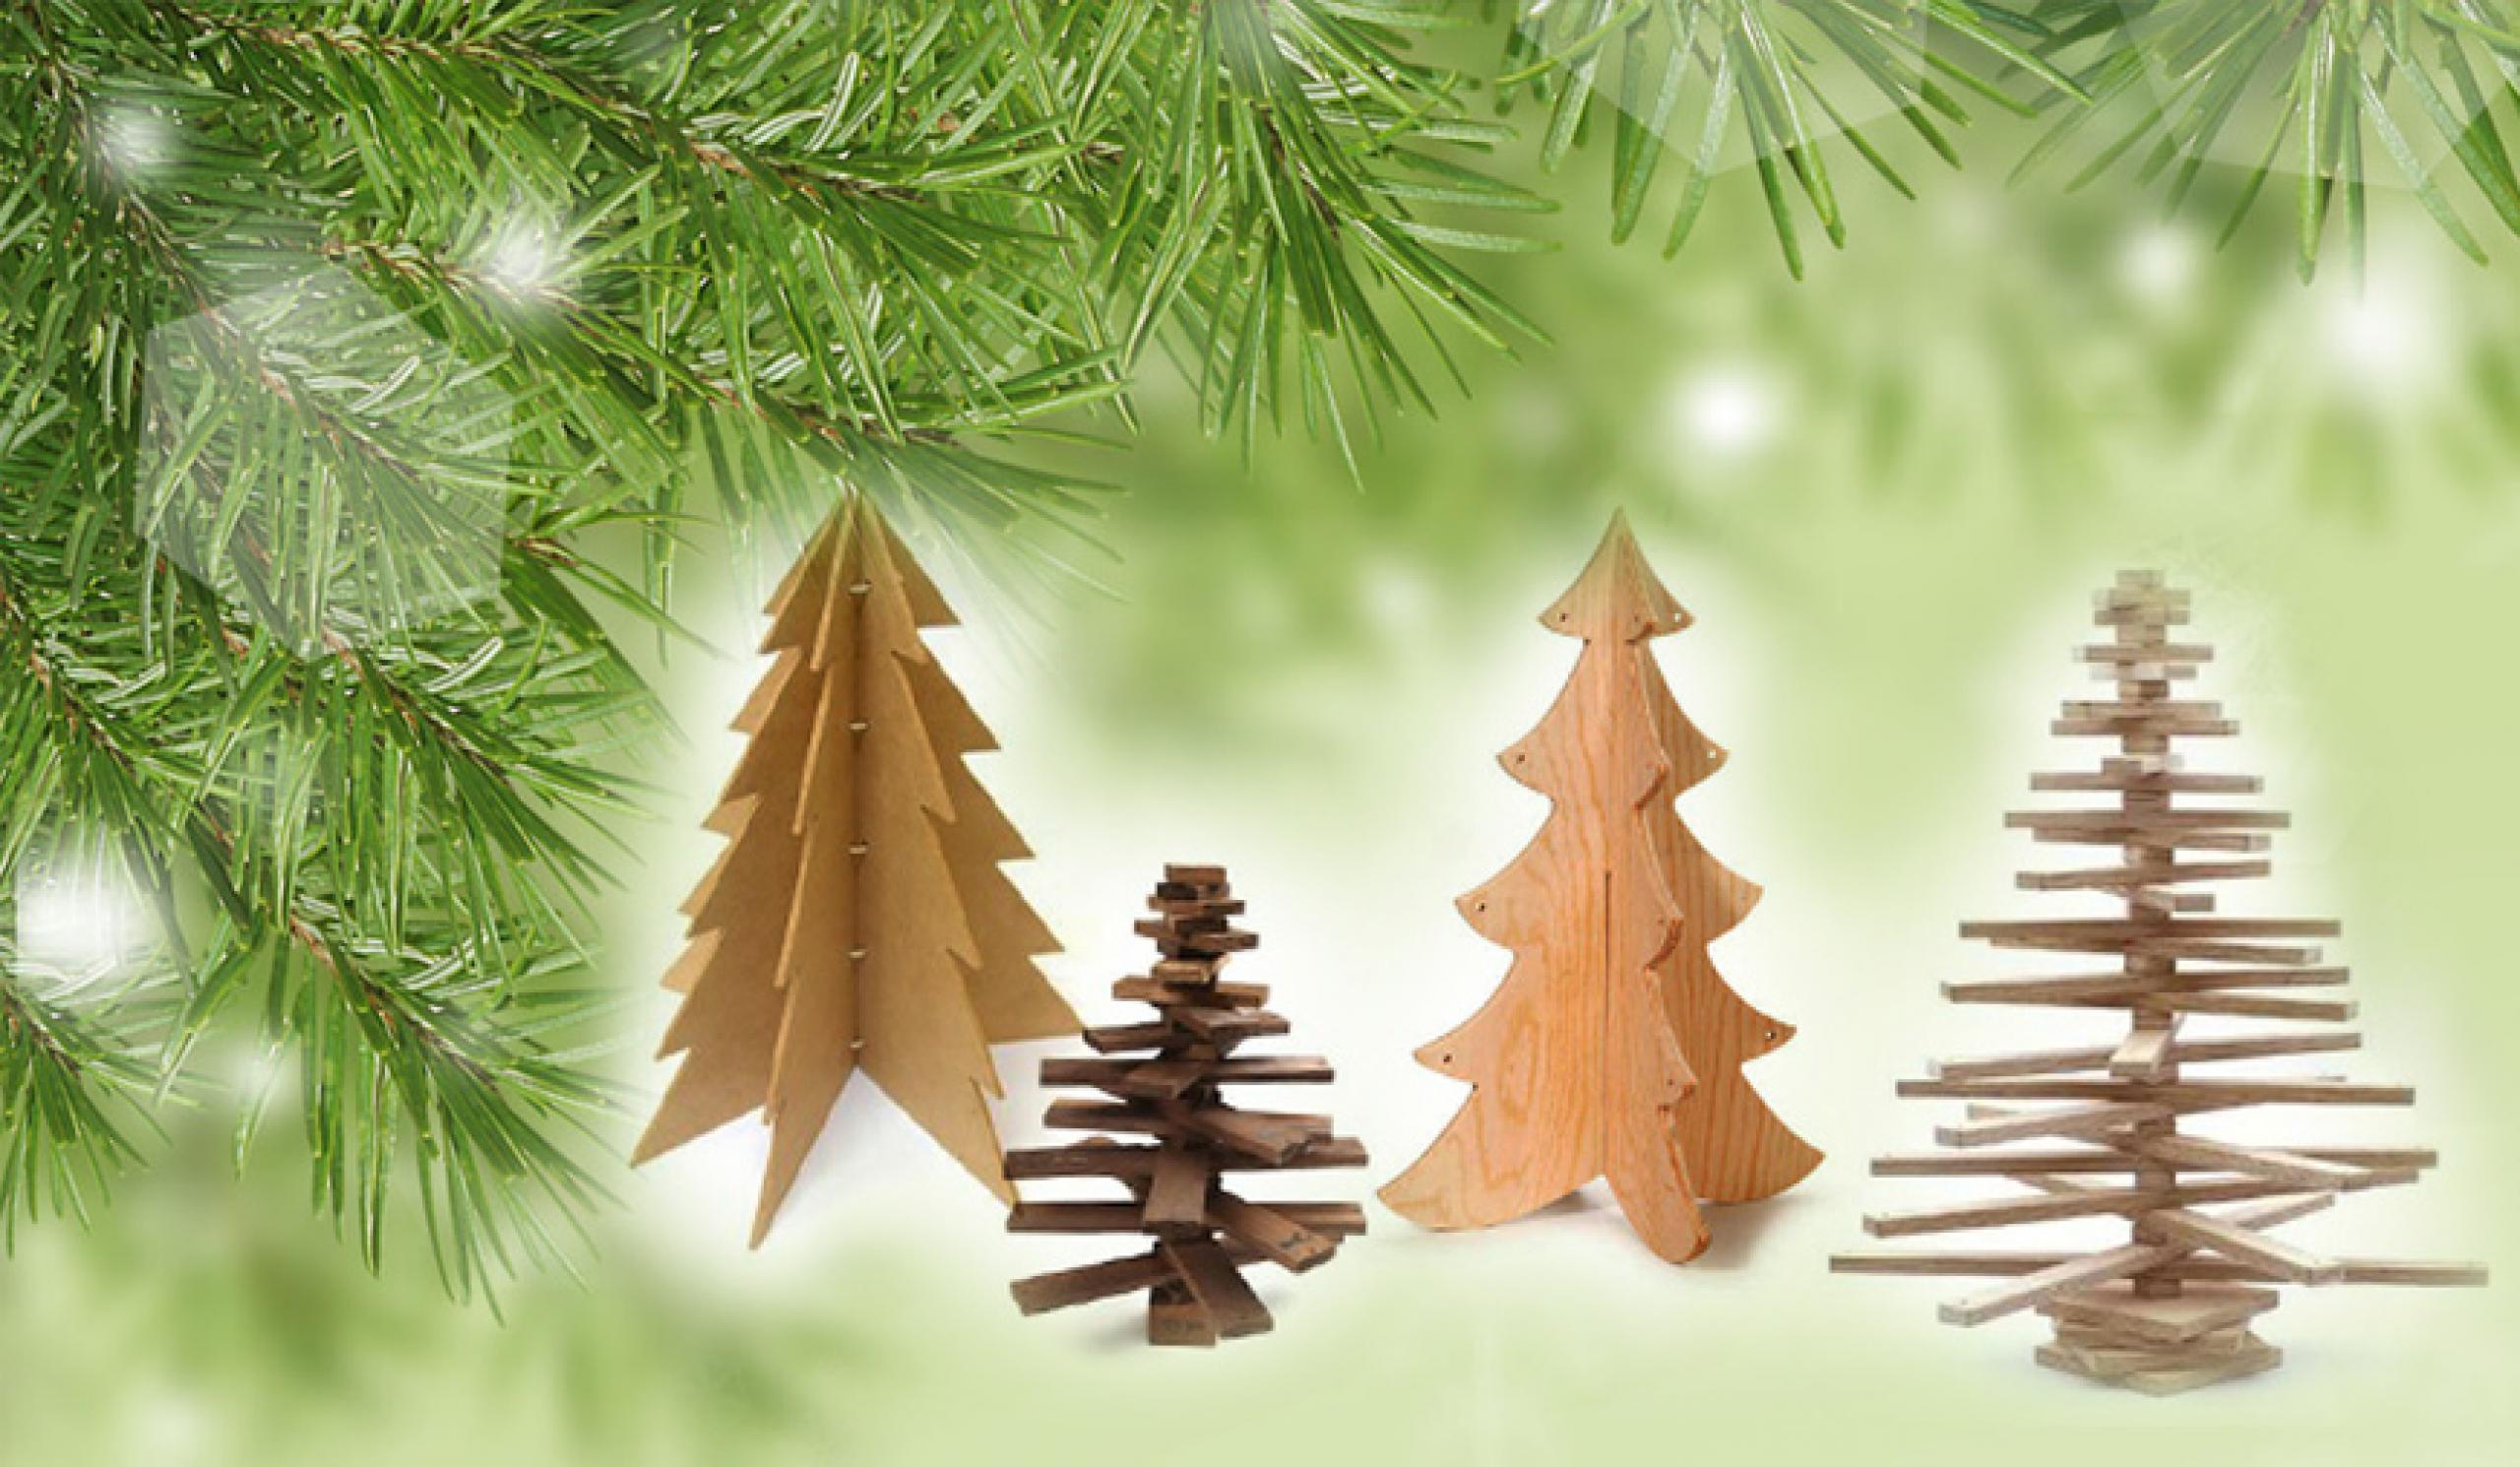 Slik lager du et juletre av tre